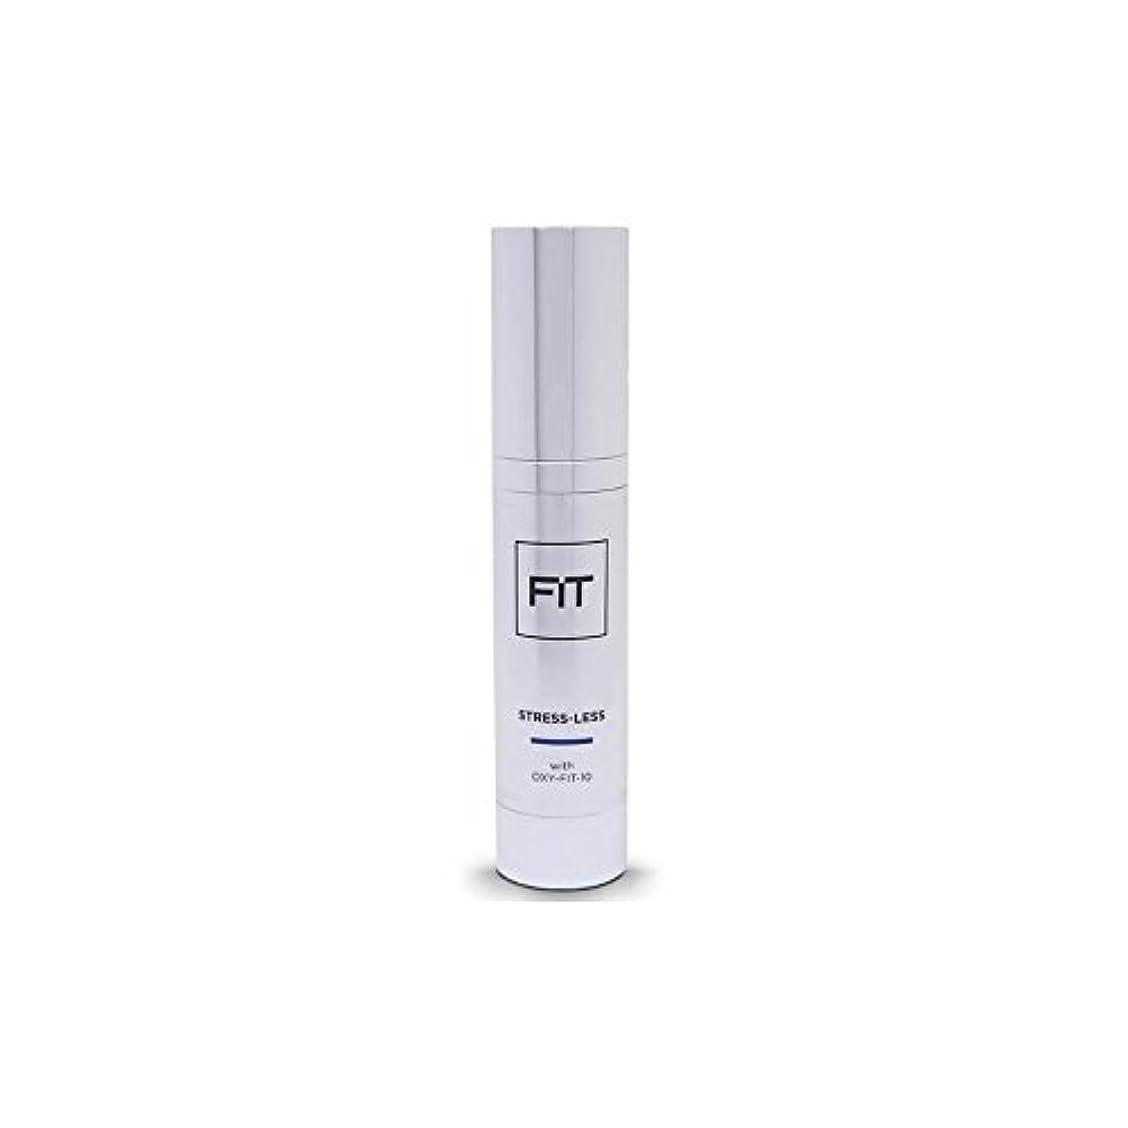 人柄サミュエルアメリカフィットストレスレス目の血清20ミリリットル x2 - Fit Stress Less Eye Serum 20ml (Pack of 2) [並行輸入品]